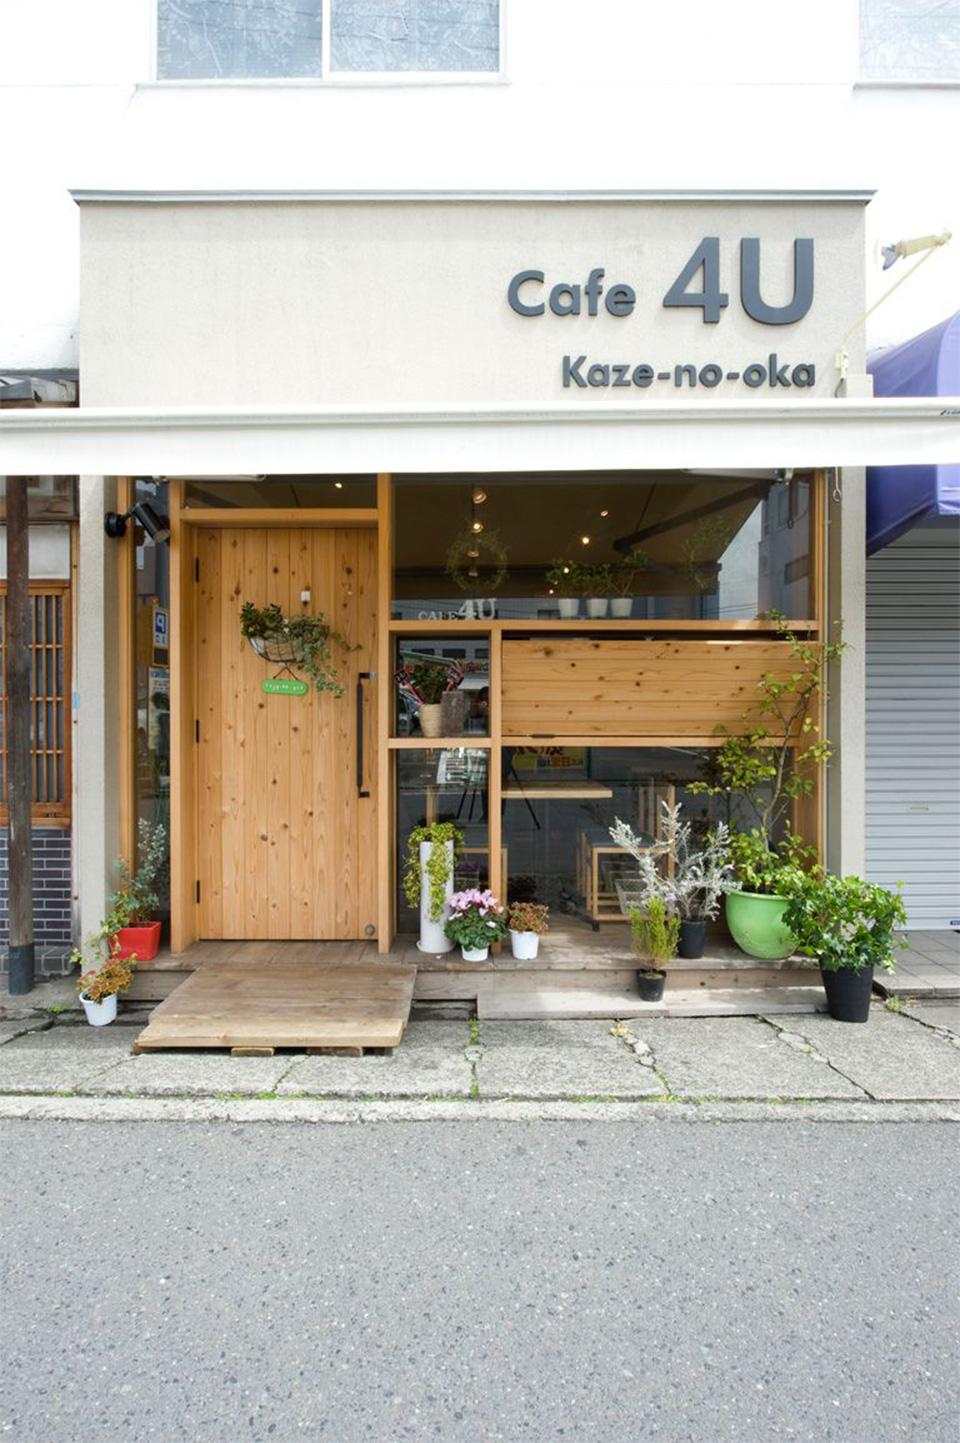 Fachada de loja pequena | Cafe 4U